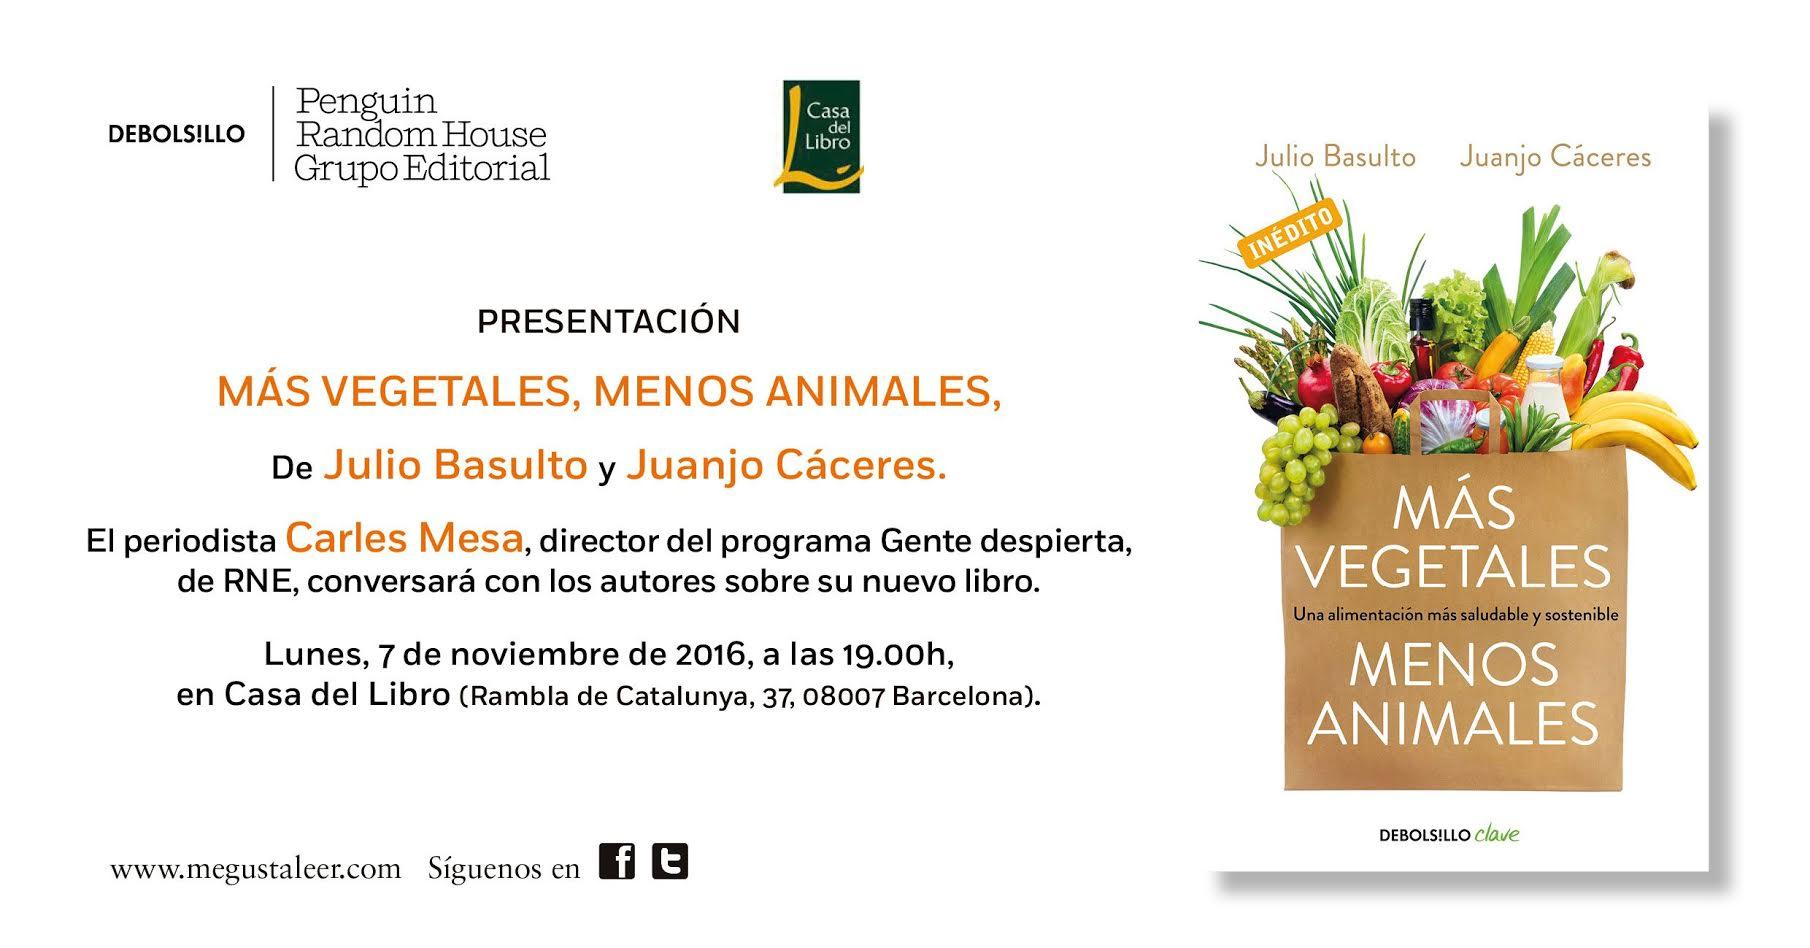 Presentaci n de m s vegetales menos animales el 7 11 2016 en casa del libro rbla catalunya - Casa del libro barcelona rambla catalunya ...